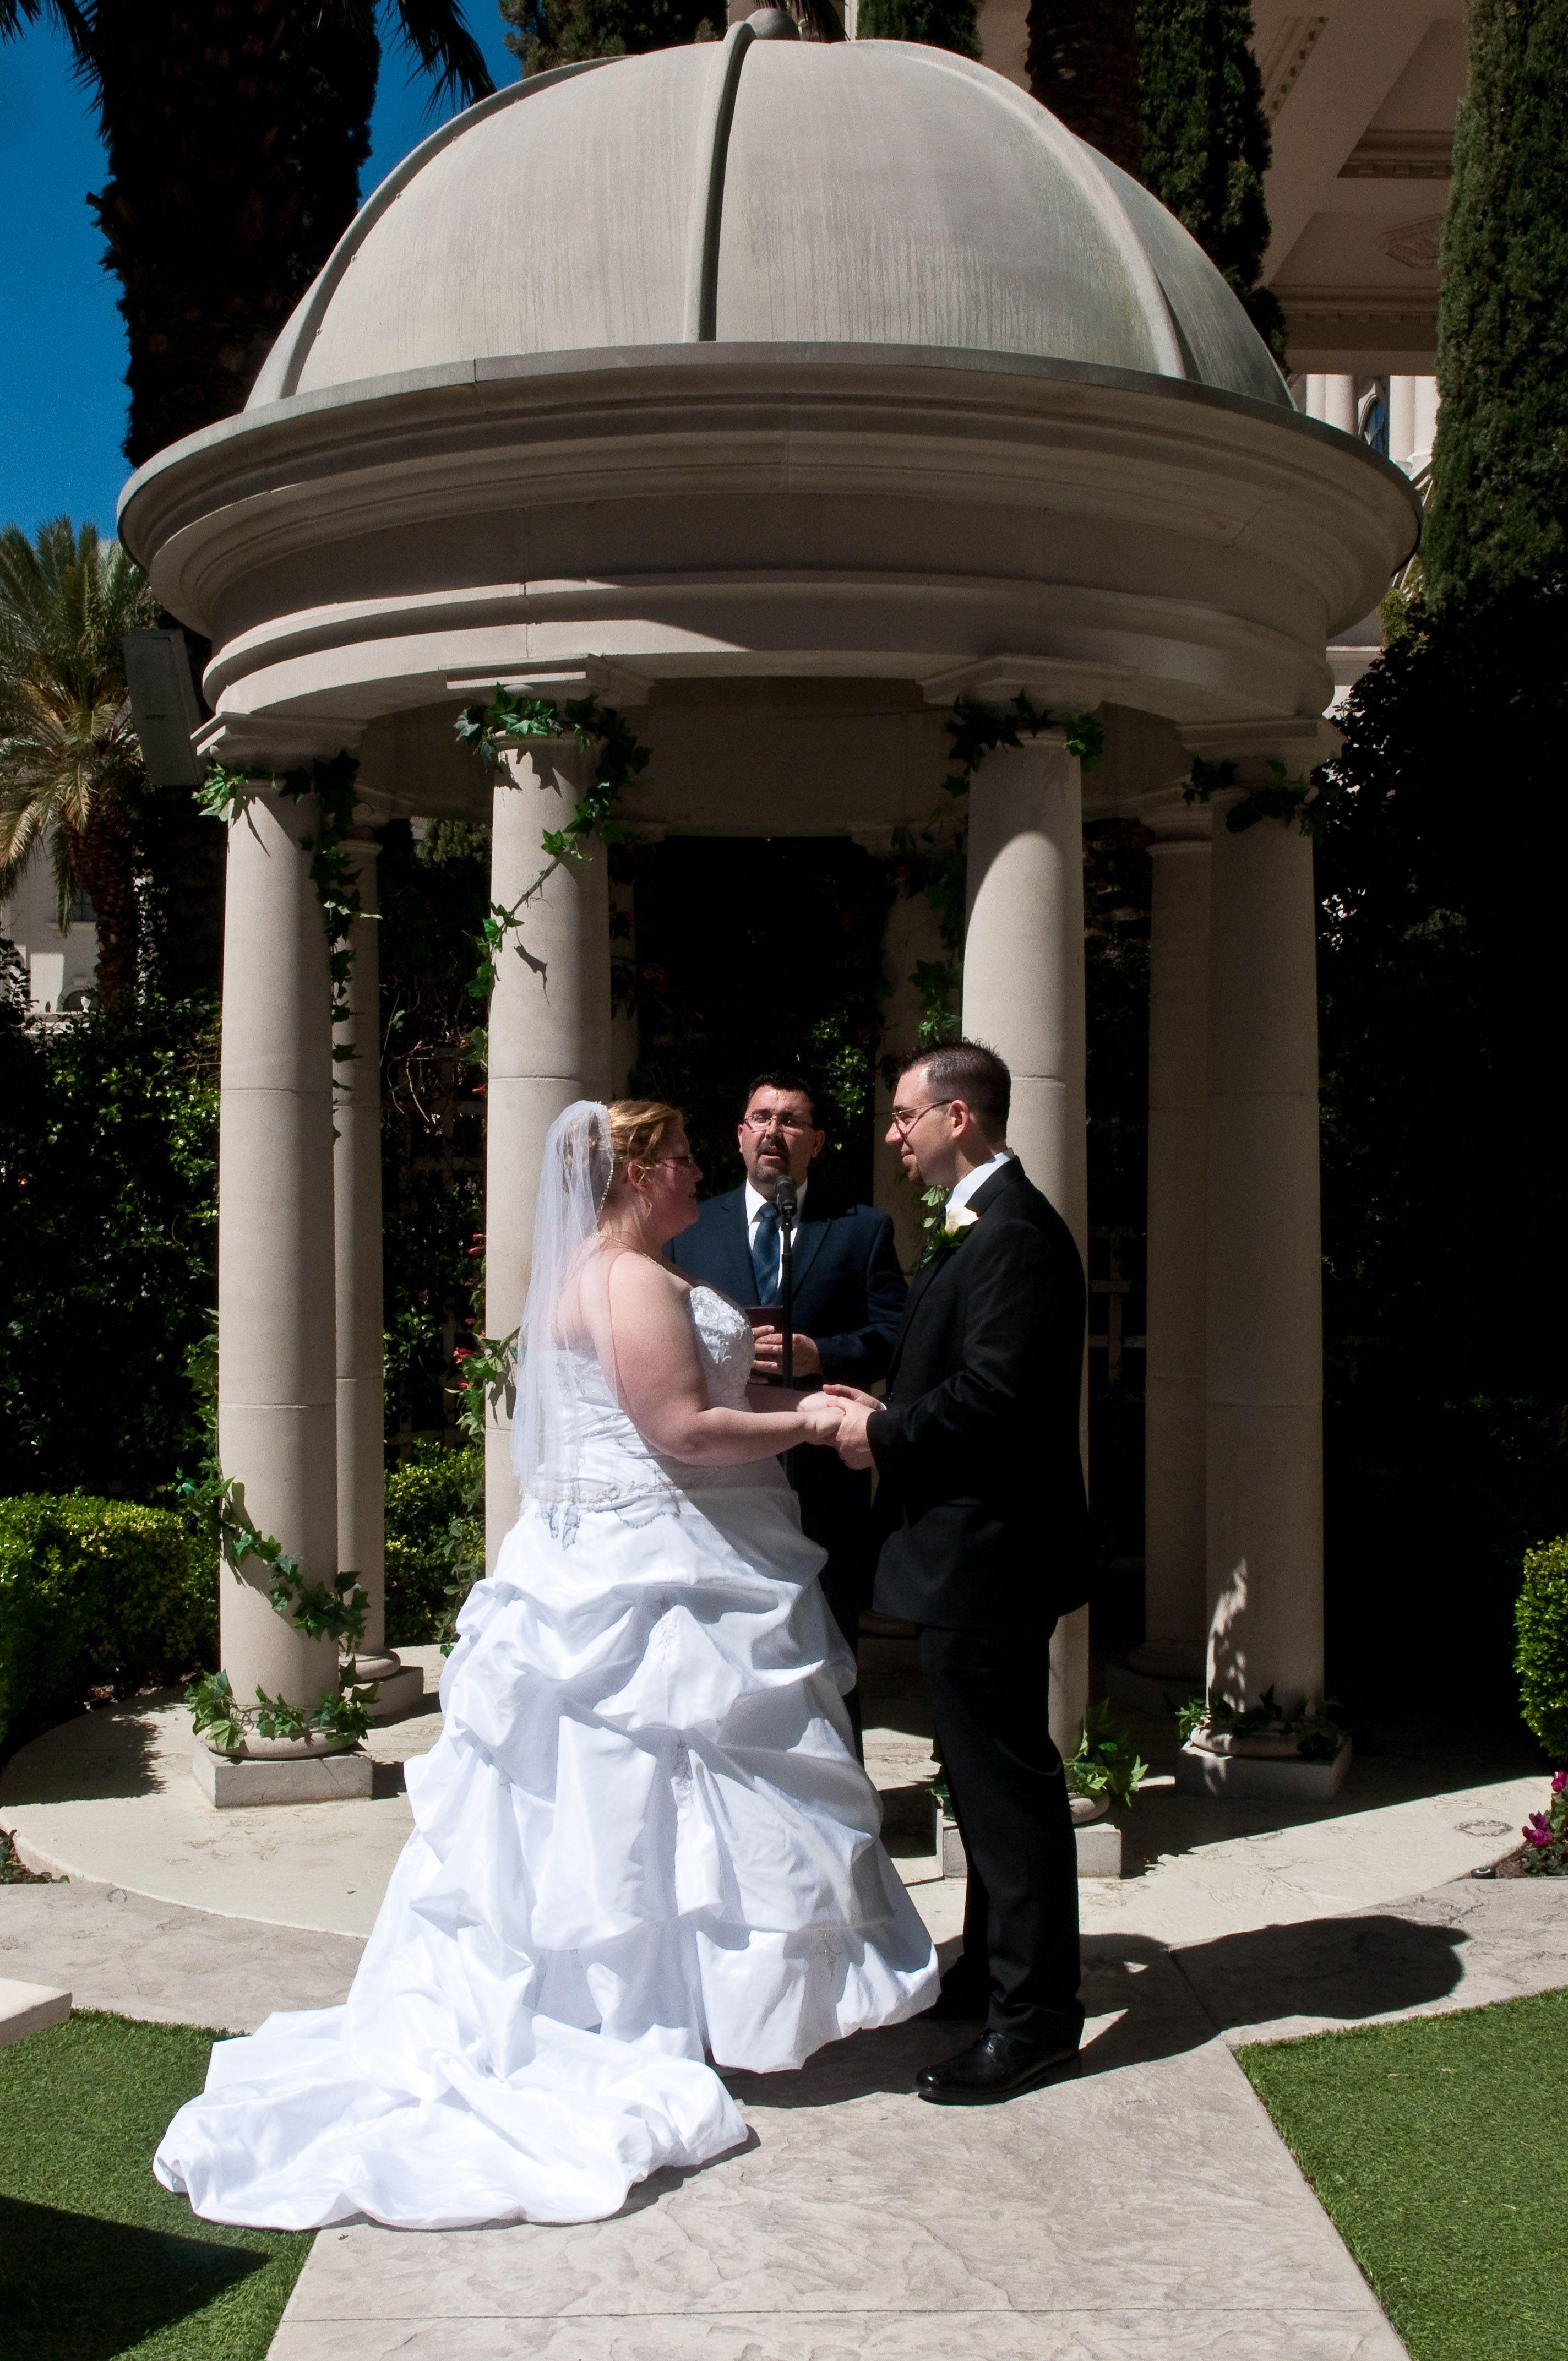 Venus Gardens Caesars Palace Las Vegas, NV... We were